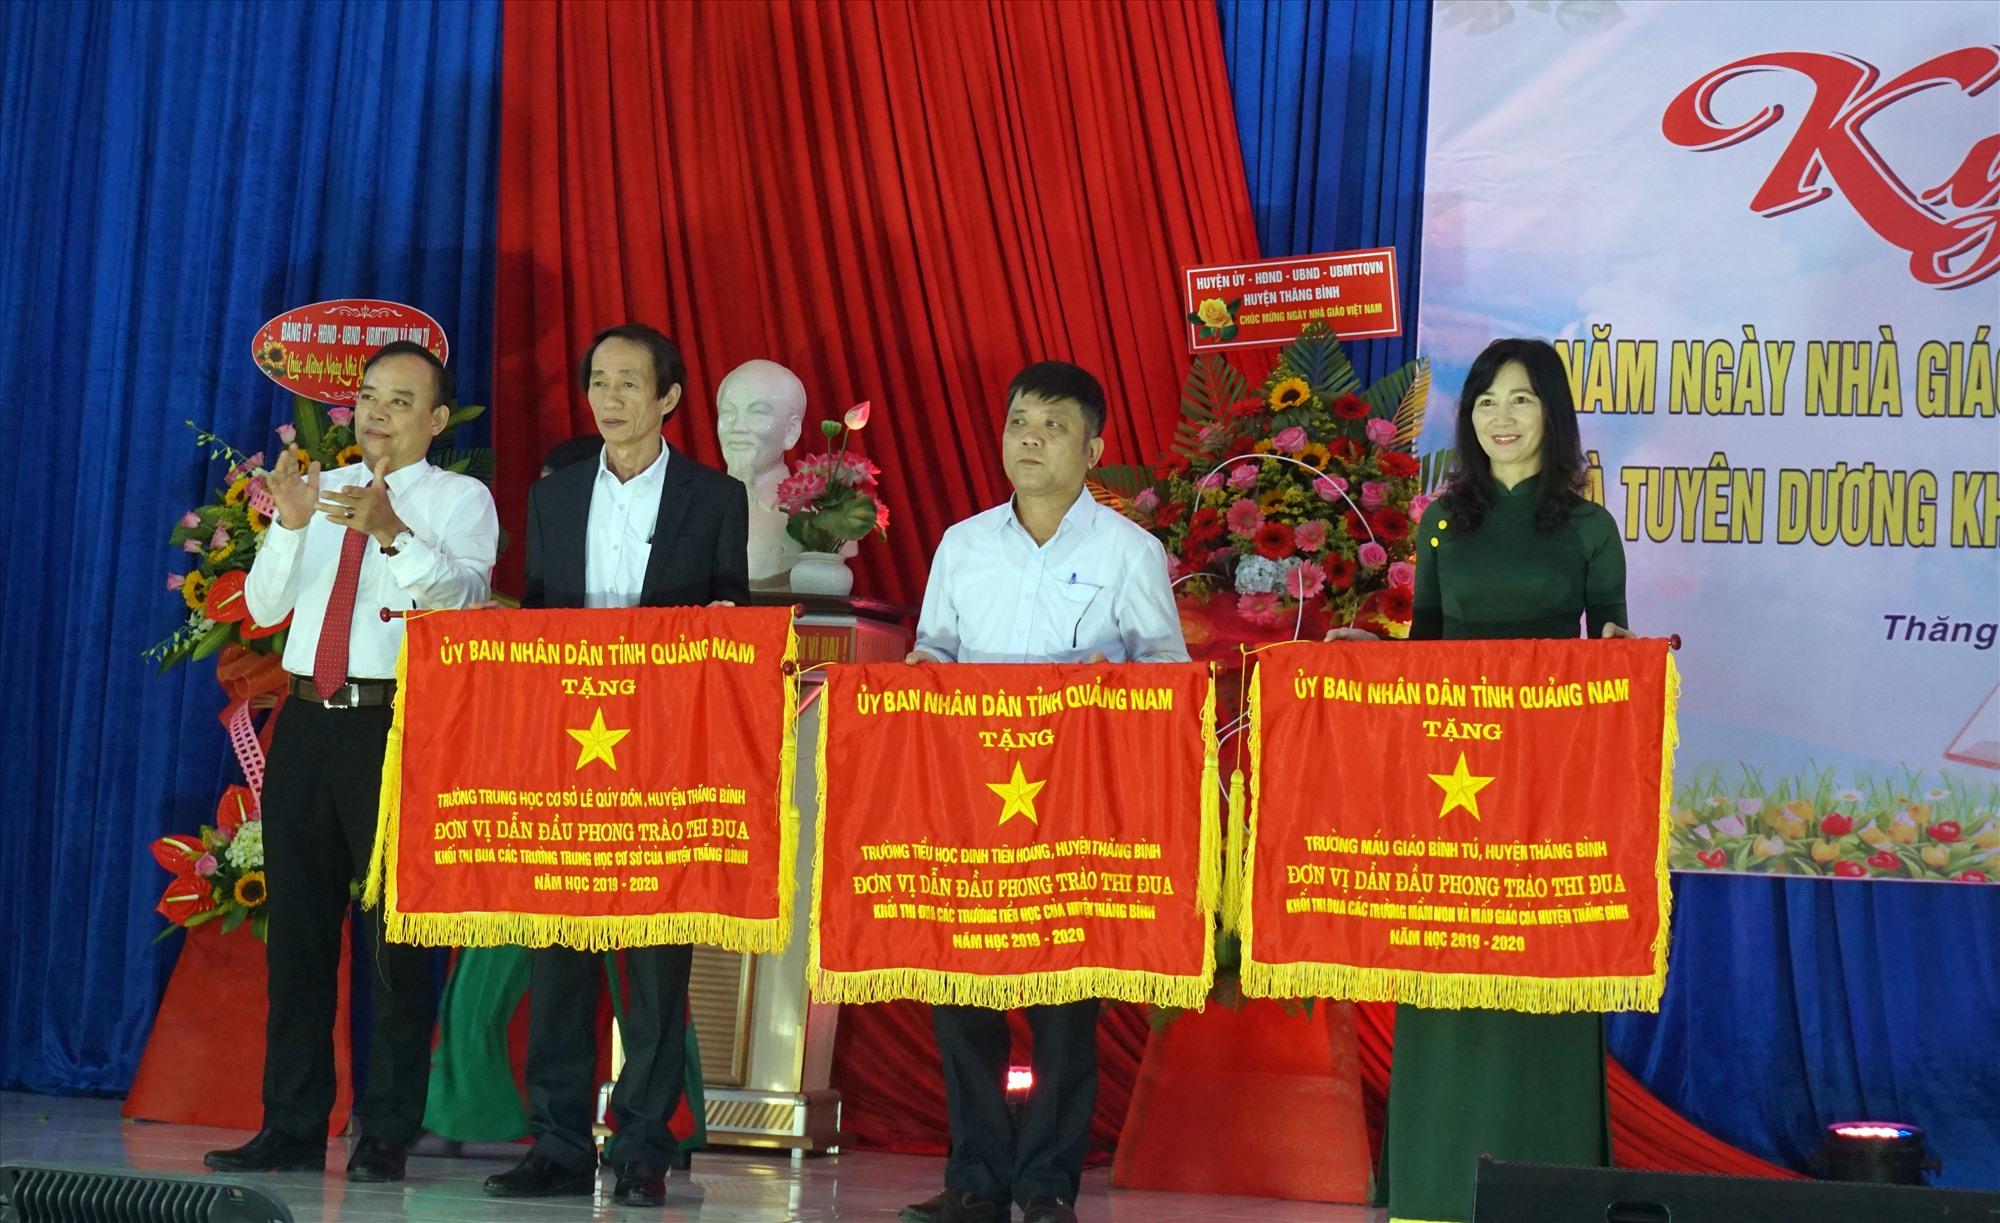 Thăng Bình có 3 tập thể được nhận Cờ thi đua của UBND tỉnh trong năm học 2019-2020.